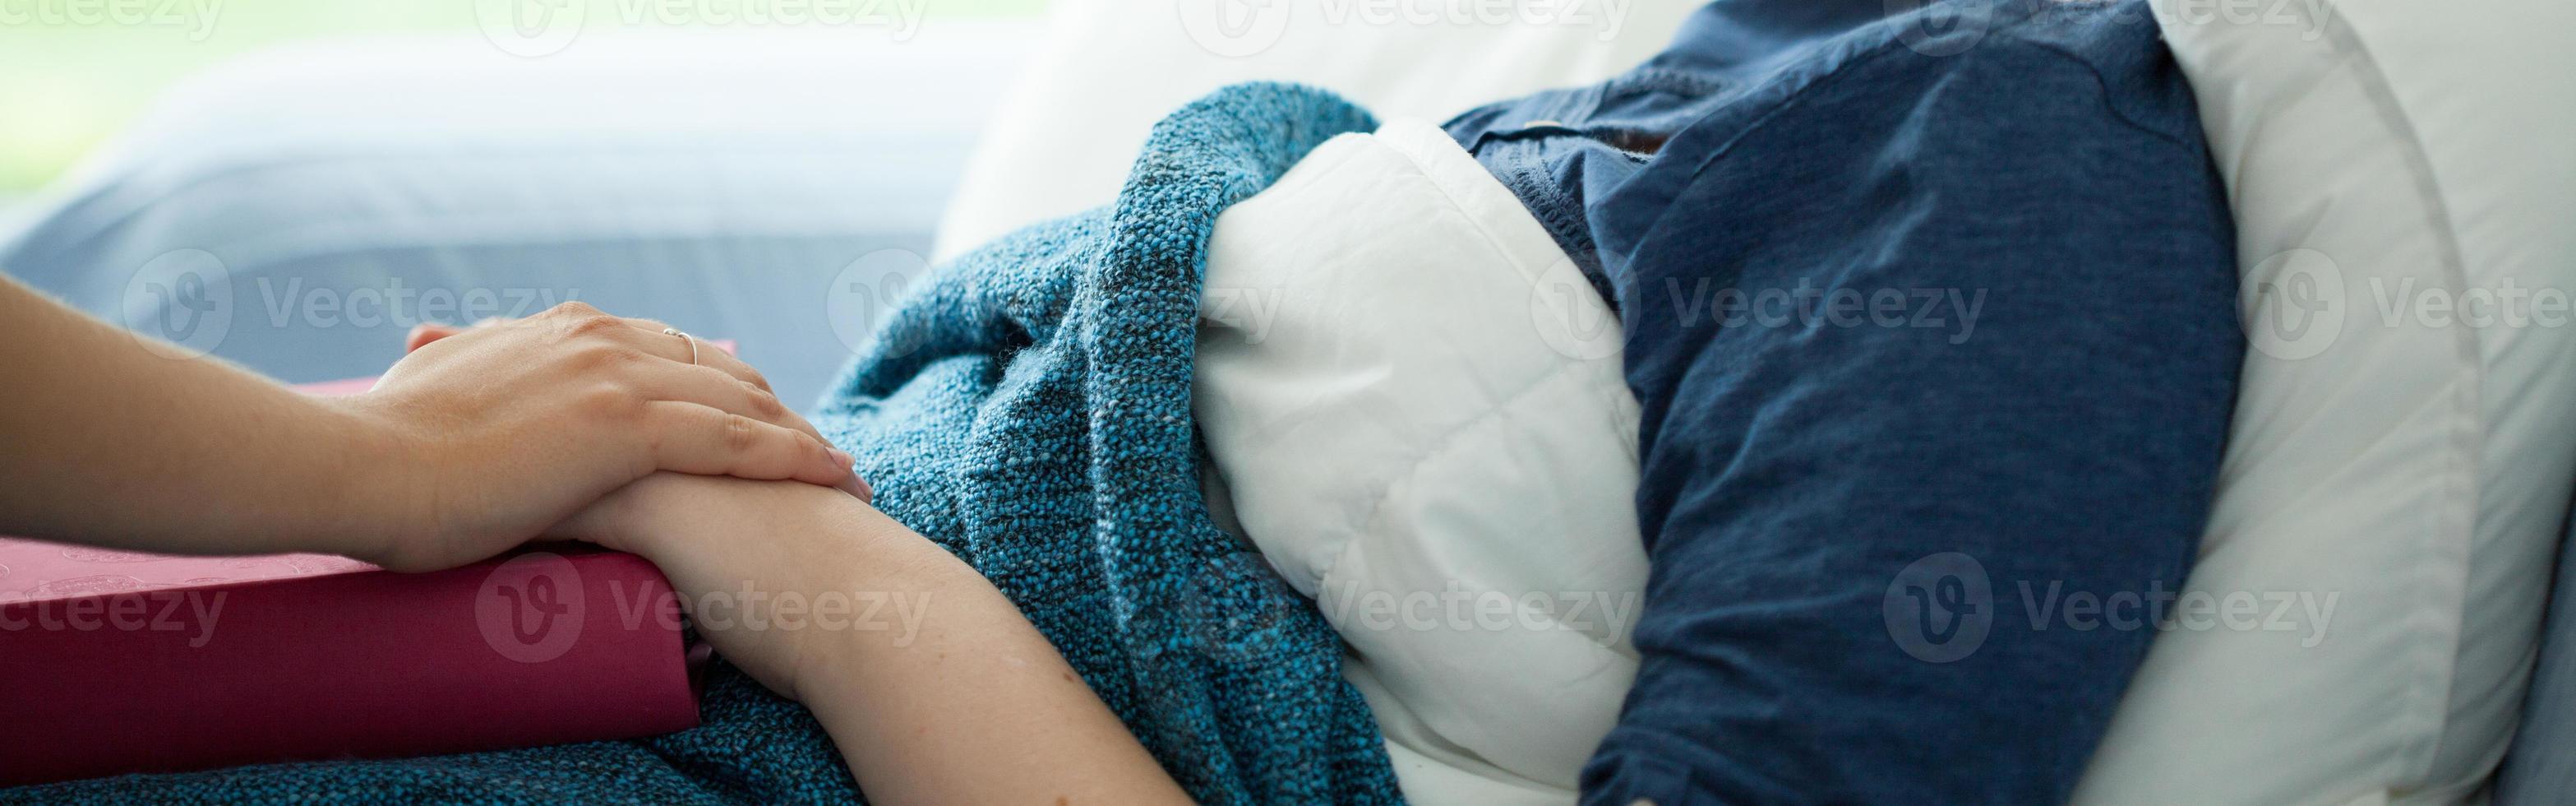 femme, coucher lit, être tenu dans la main, par, une autre personne photo